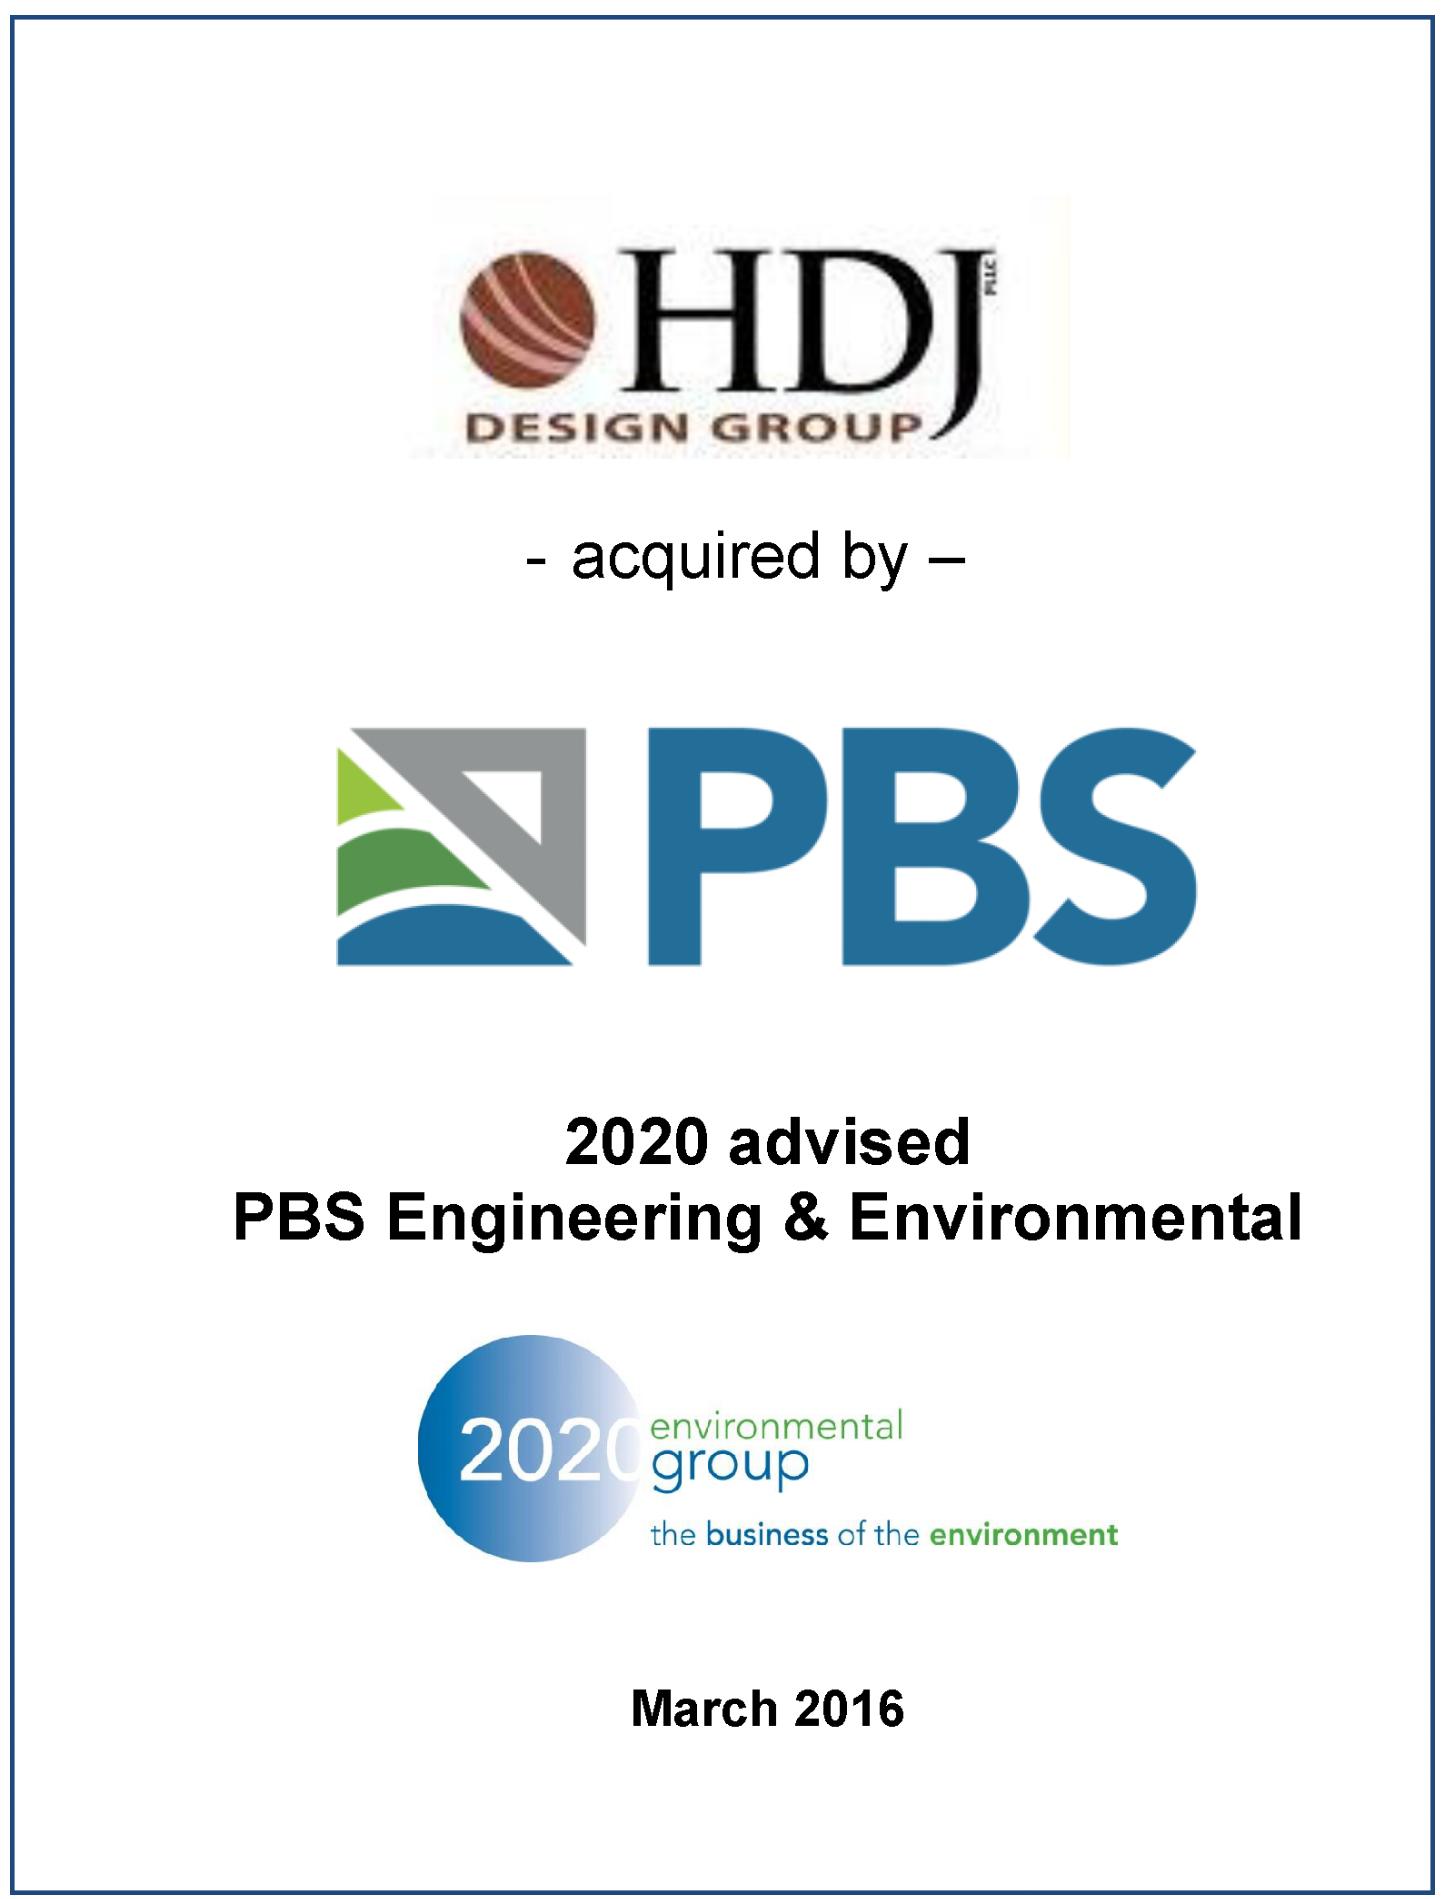 PBS HDJ.png